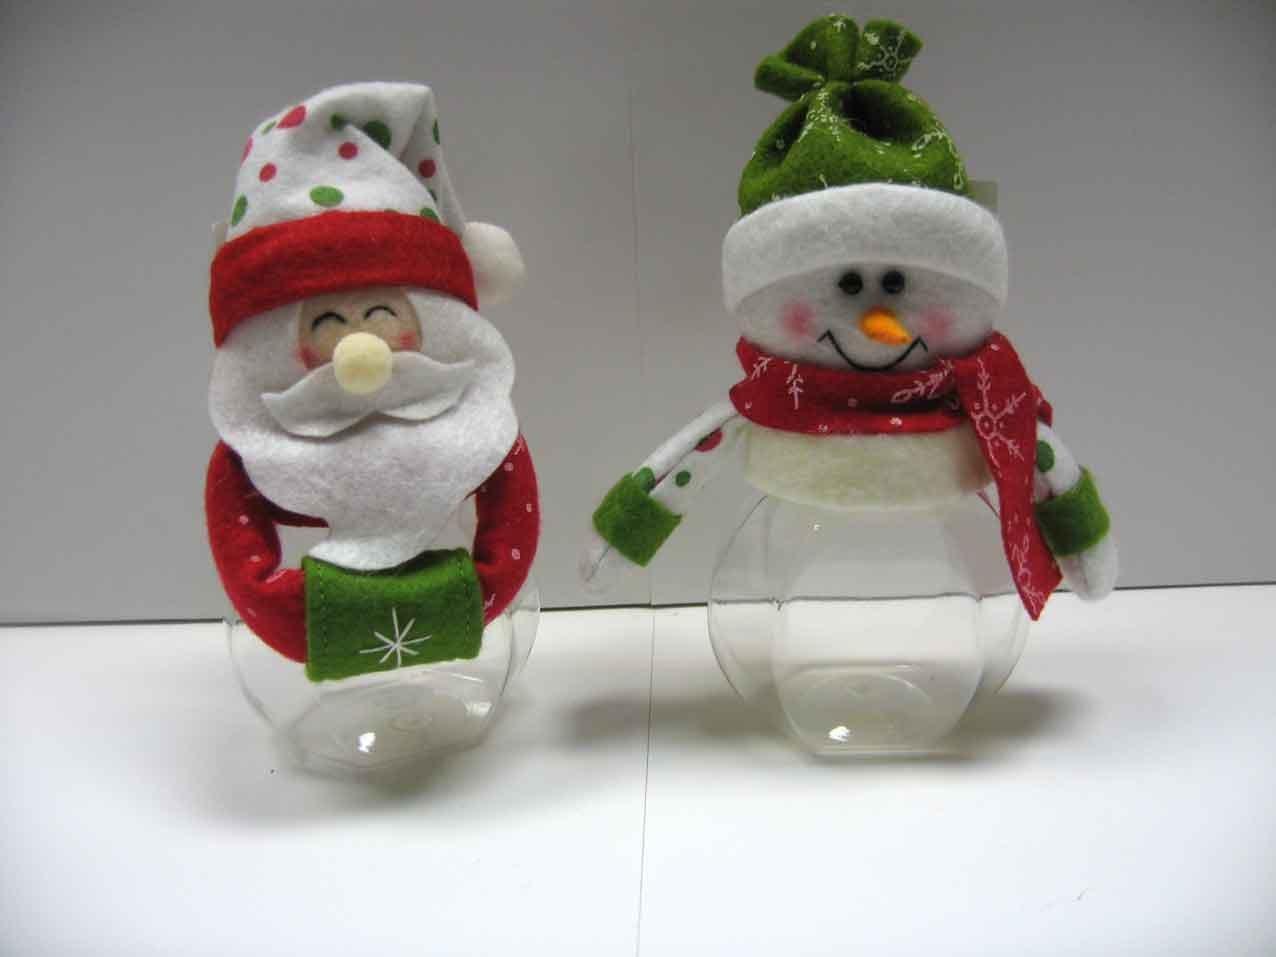 Baños Decorados Navidenos:Adornos De Navidad Con Botellas Plasticas